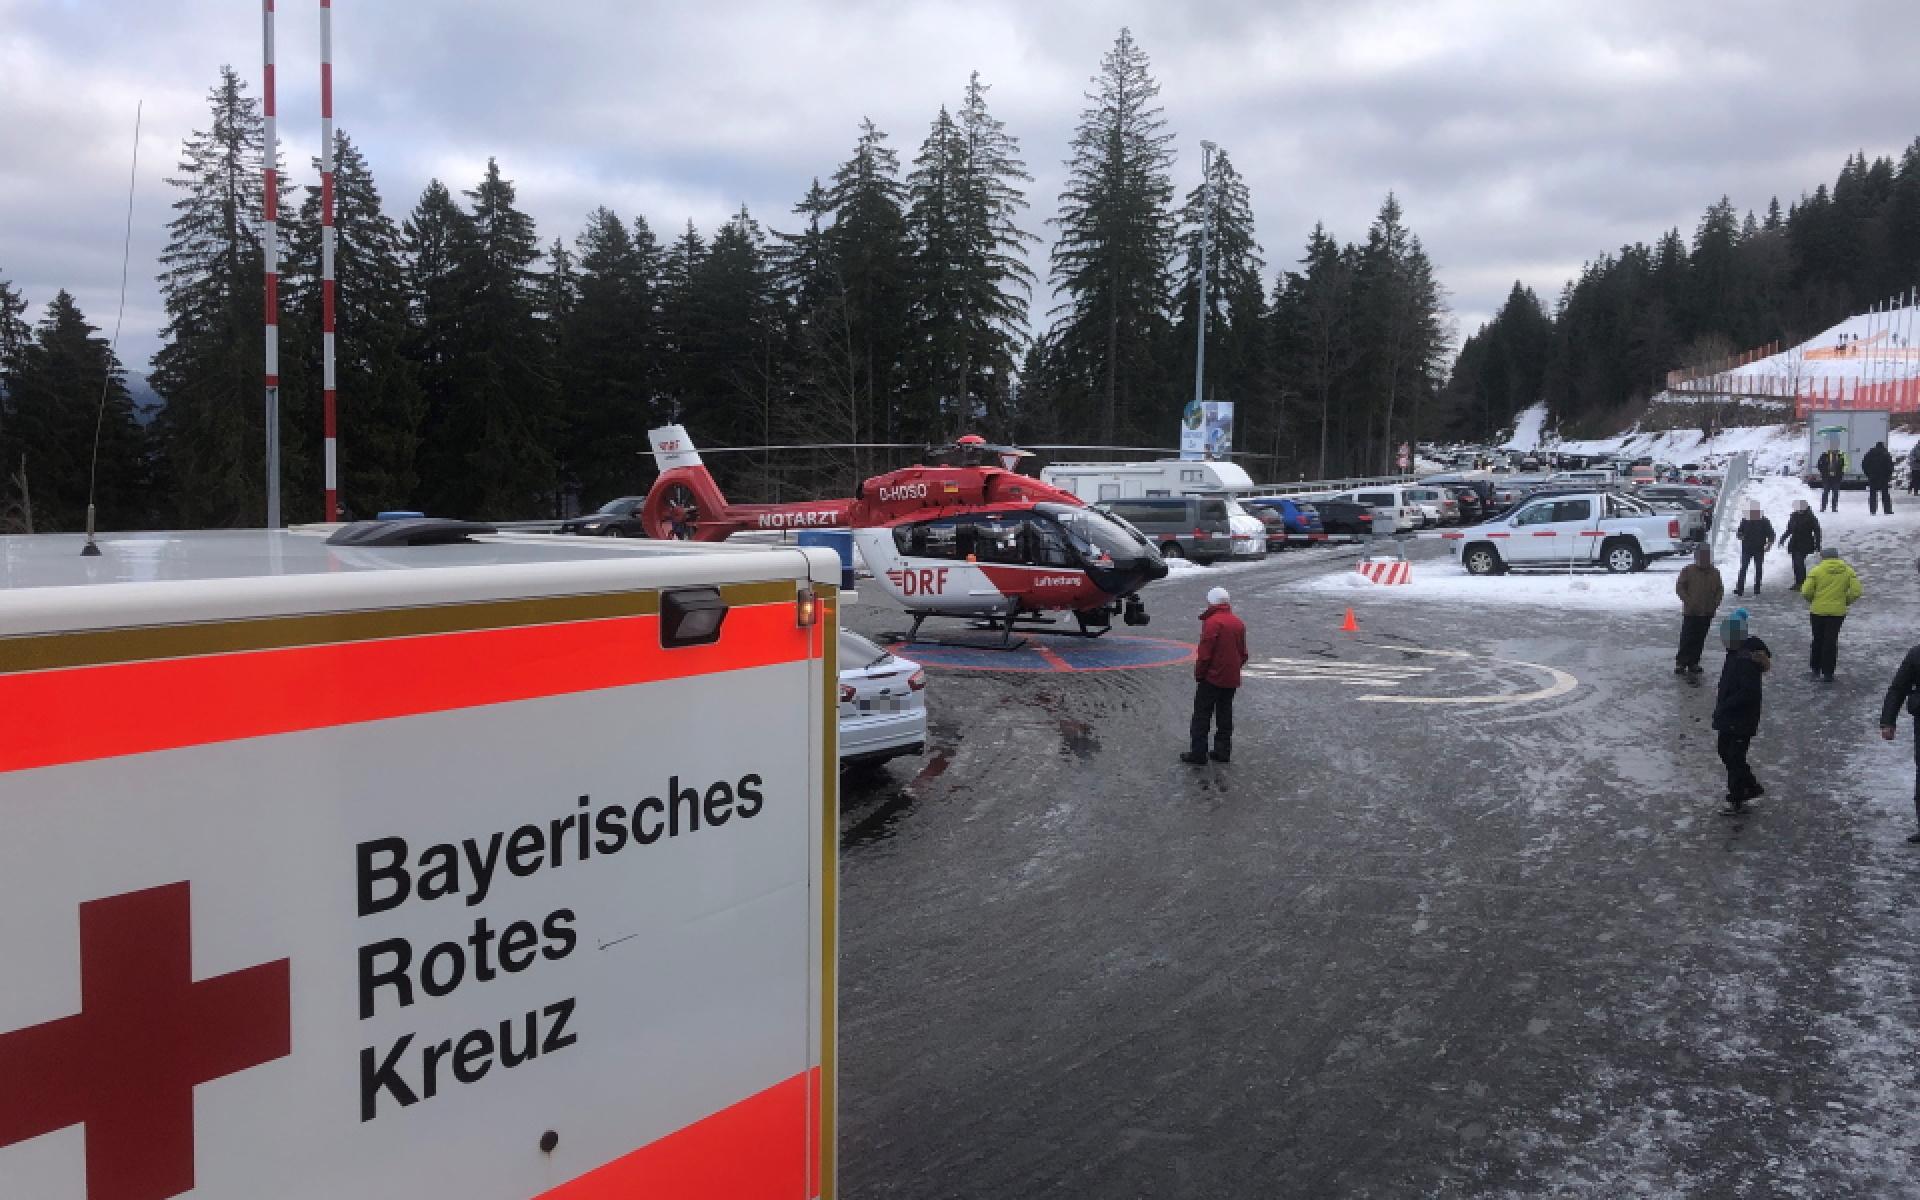 Rettungshubschrauber Christoph Regensburg steht auf dem Parkplatz an der Talstation eines Skilifts.